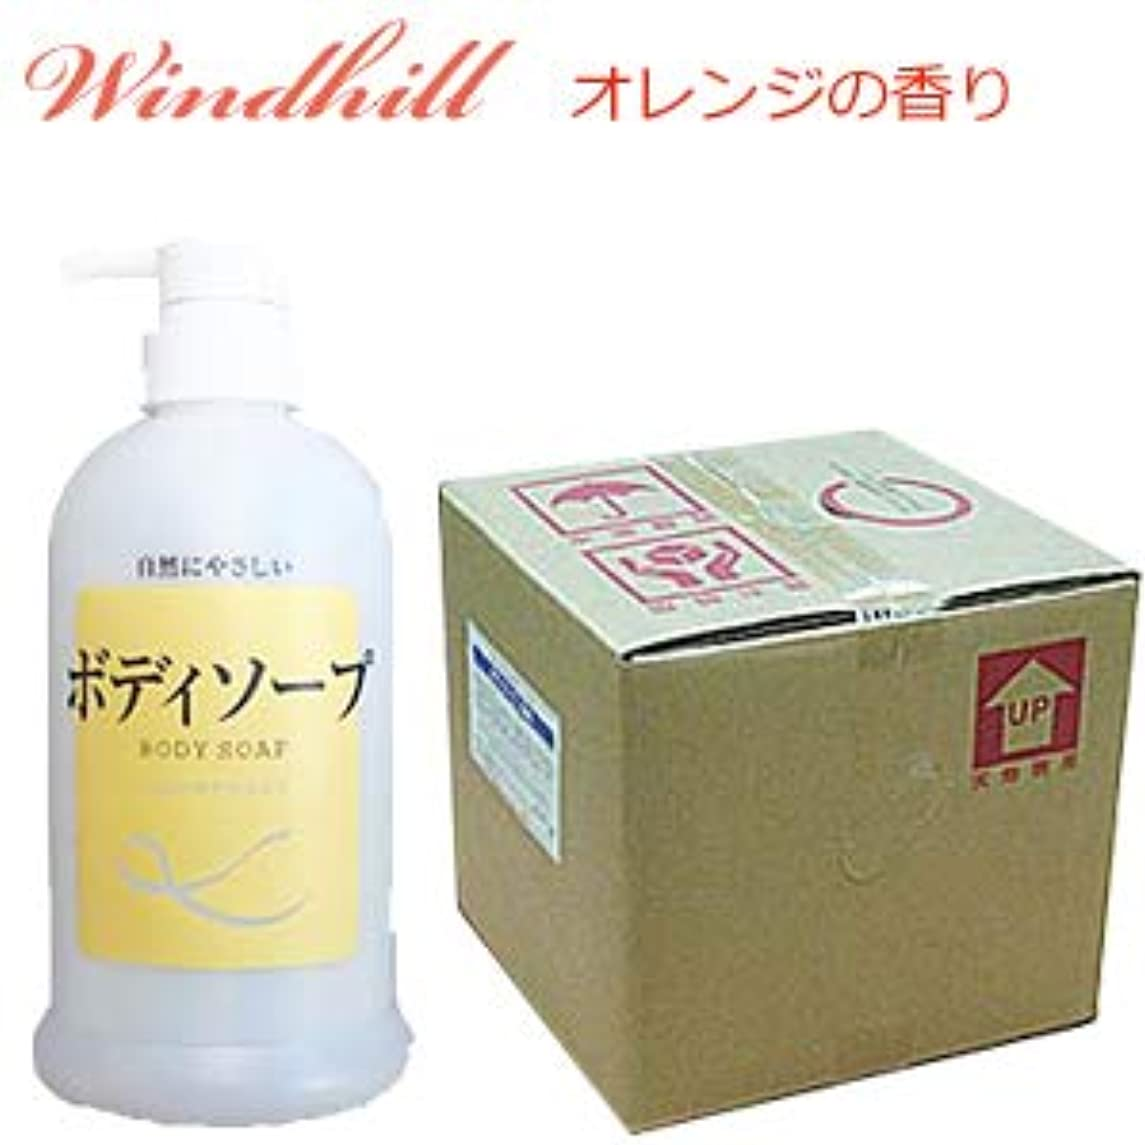 確認薬理学チェスをするWindhill 植物性 業務用ボディソープオレンジの香り 20L(1セット20L入)